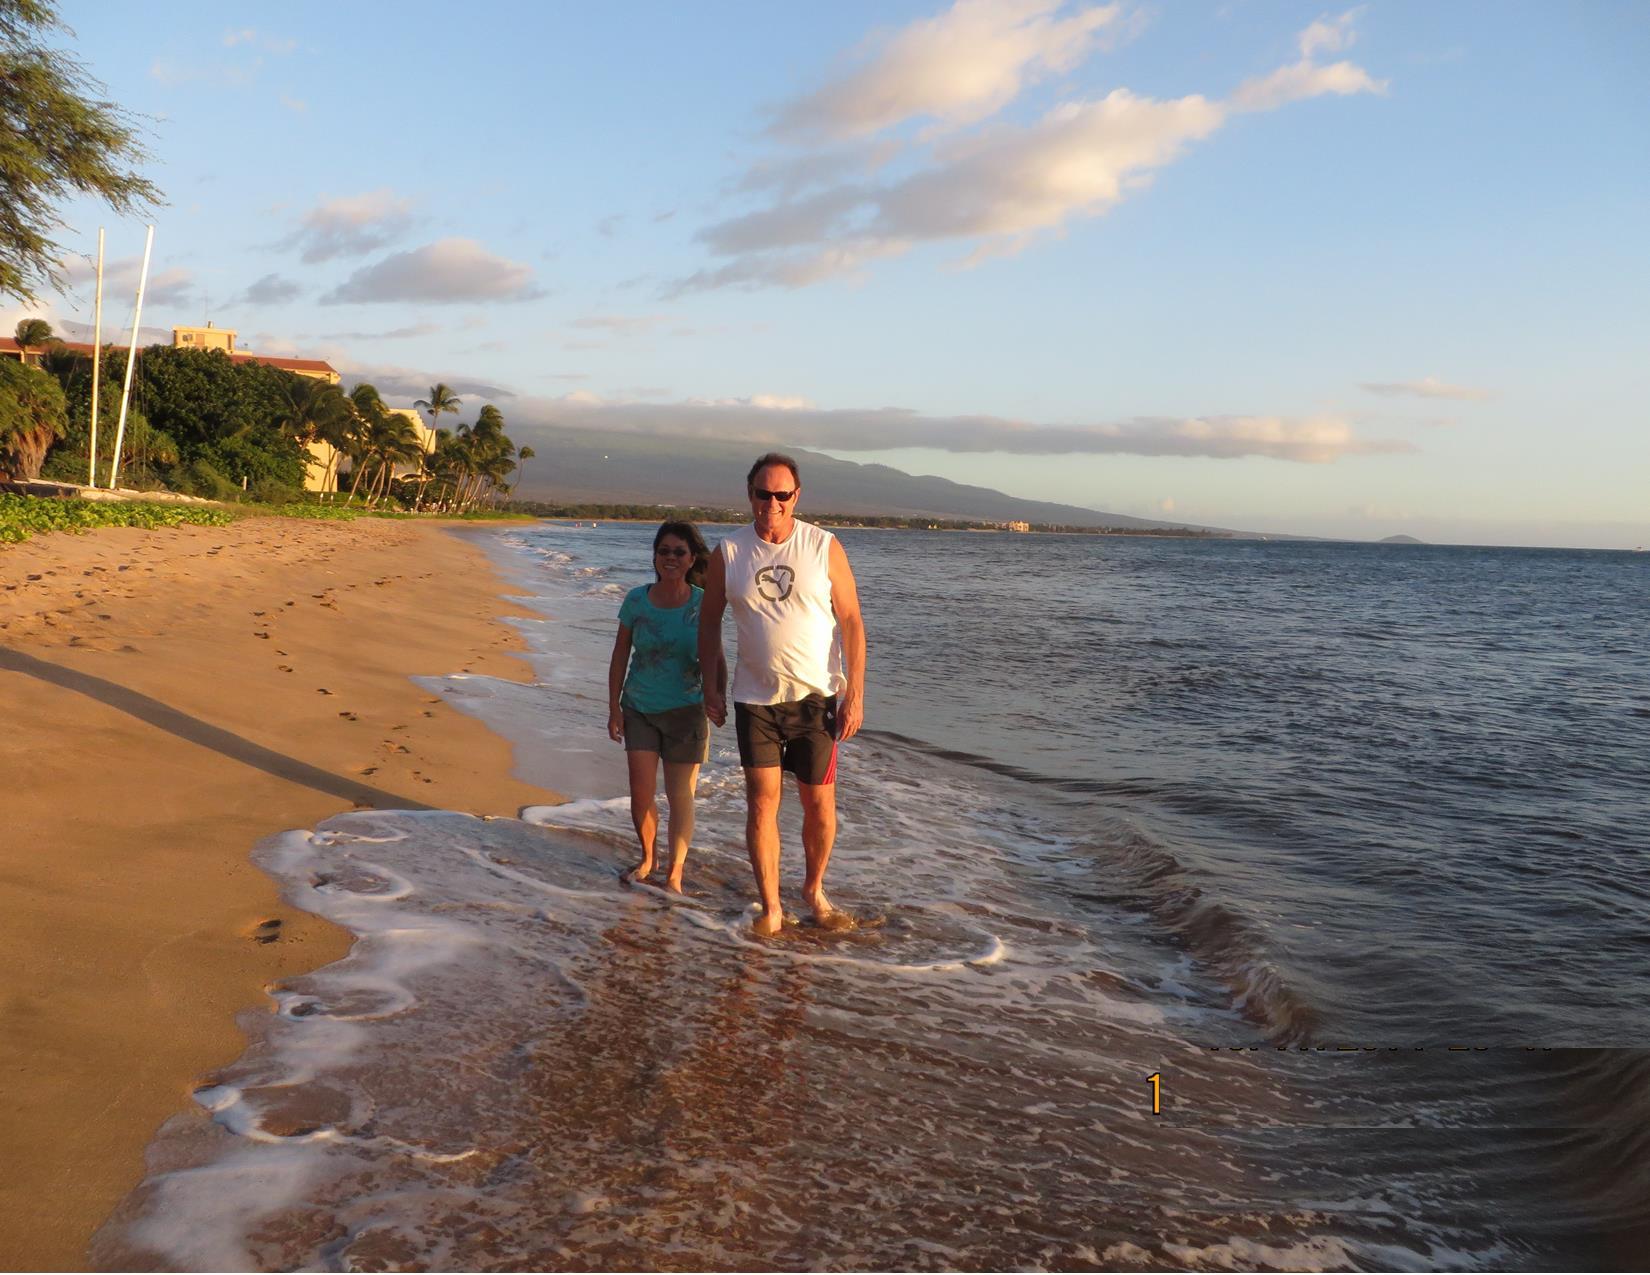 maui-beach-relax